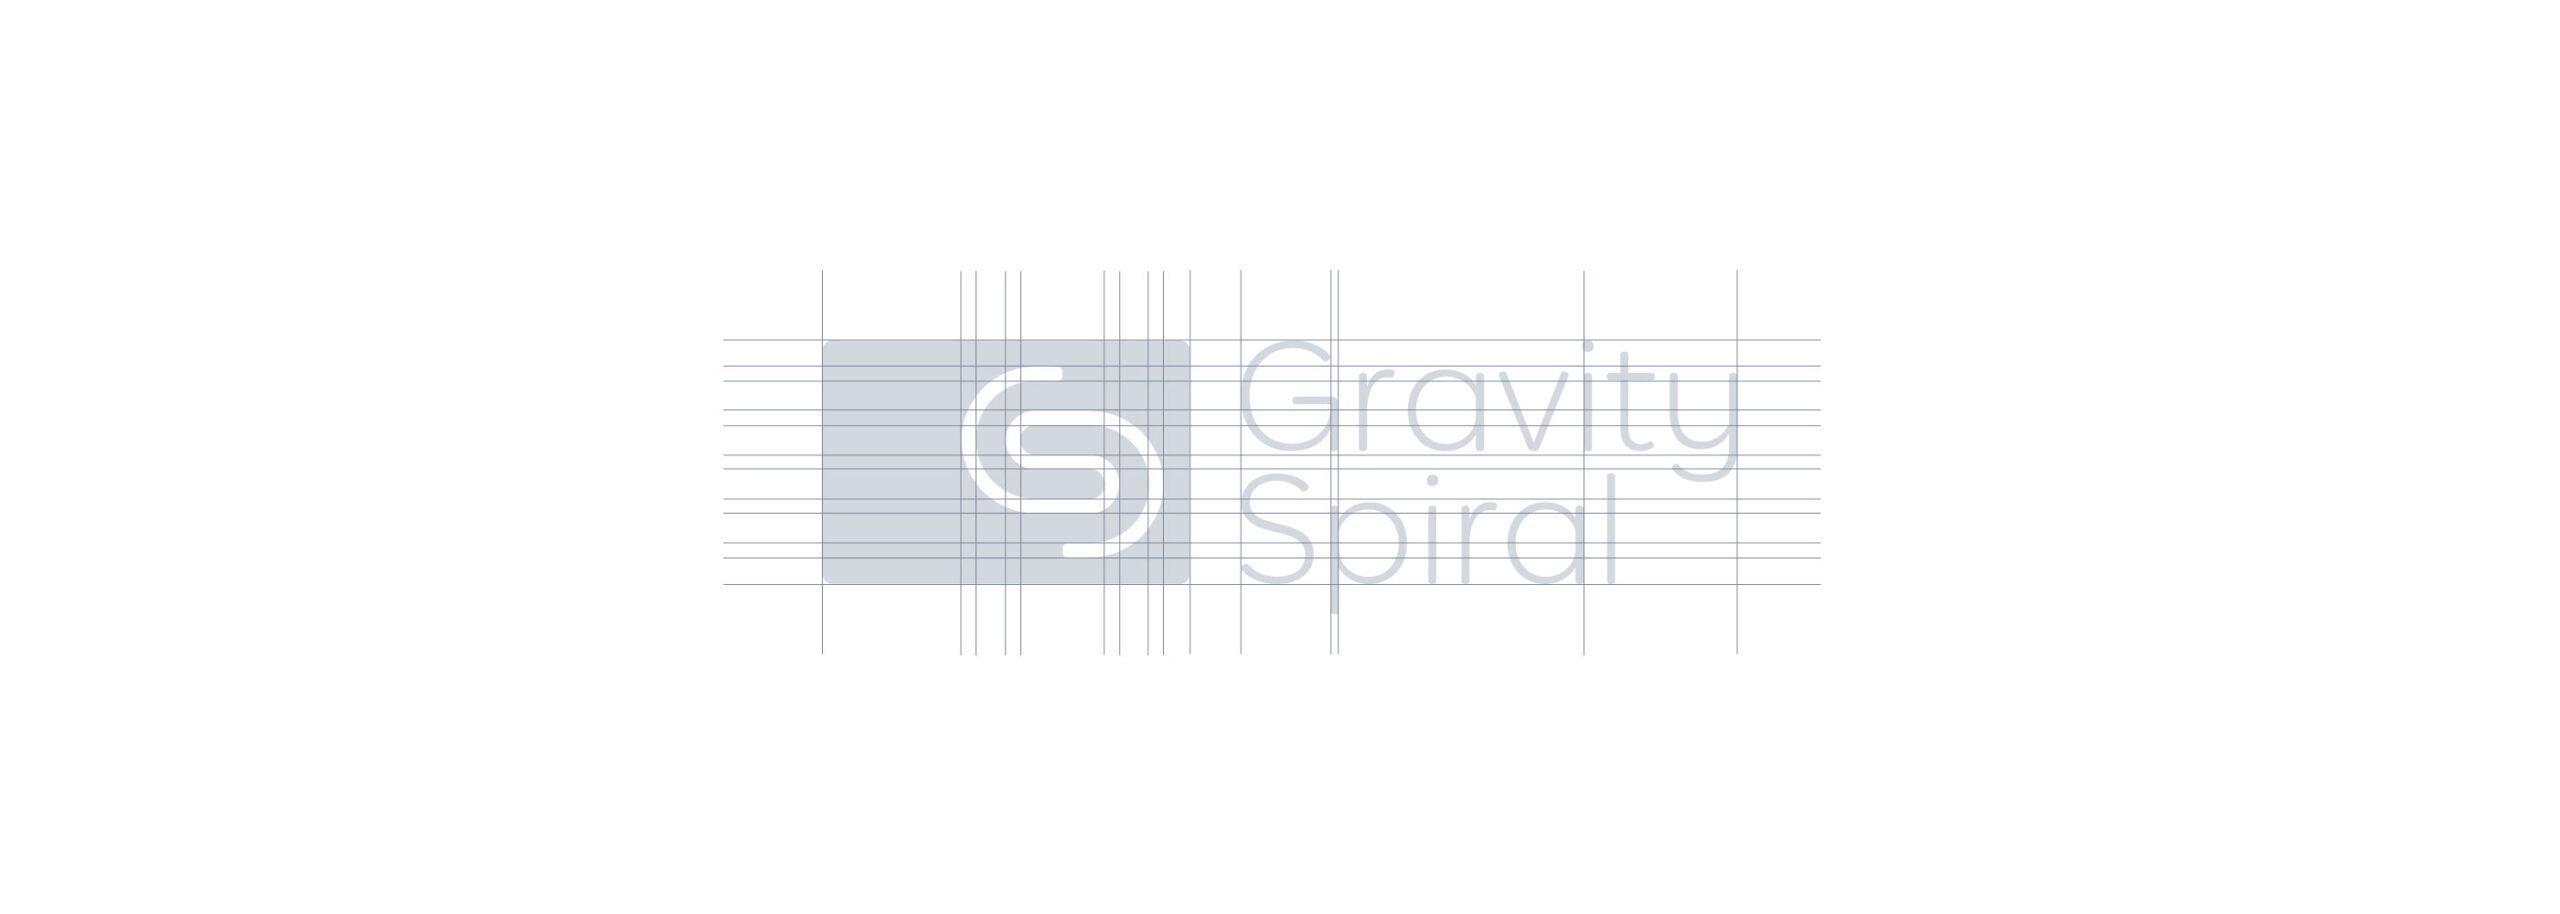 gravity_spiral_003_1